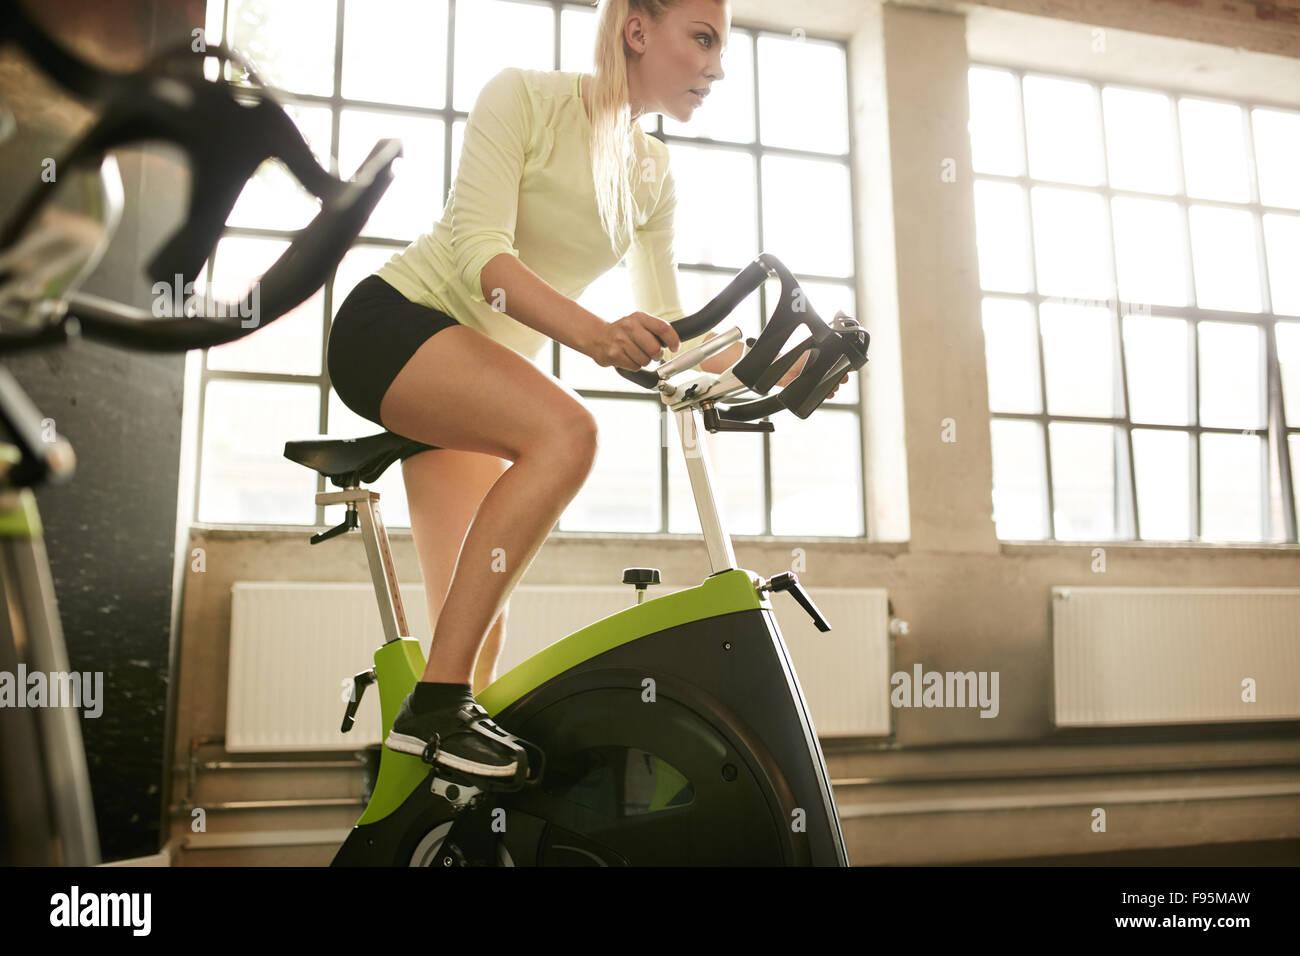 Mujer Fitness en bicicleta haciendo spinning en el gimnasio. Colocar las hembras jóvenes trabajando en el gimnasio Imagen De Stock